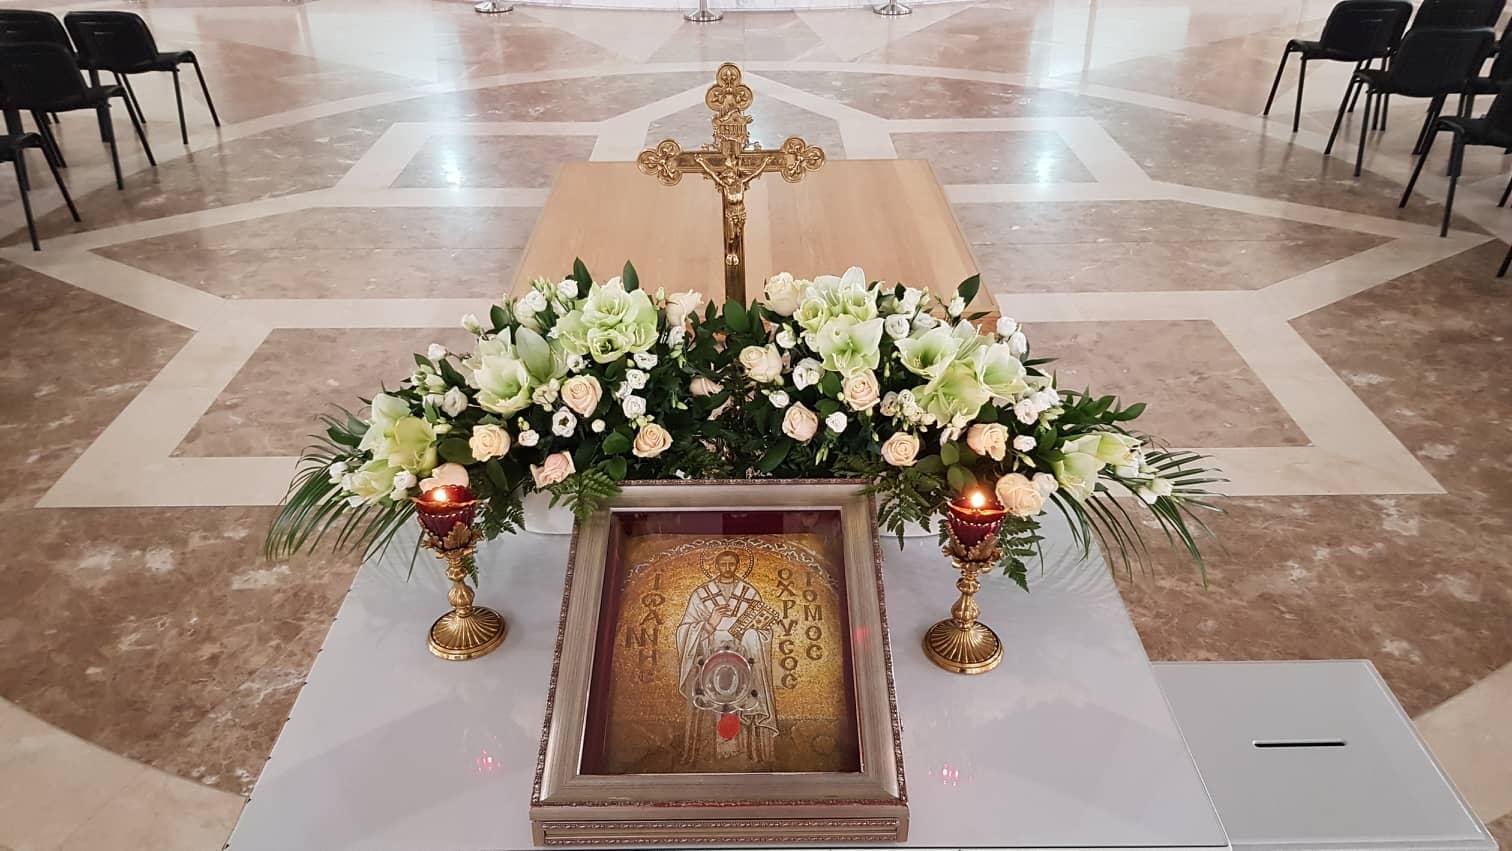 Відзначення пам'яті святителя Йоана Золотоустого, Учителя Церкви.